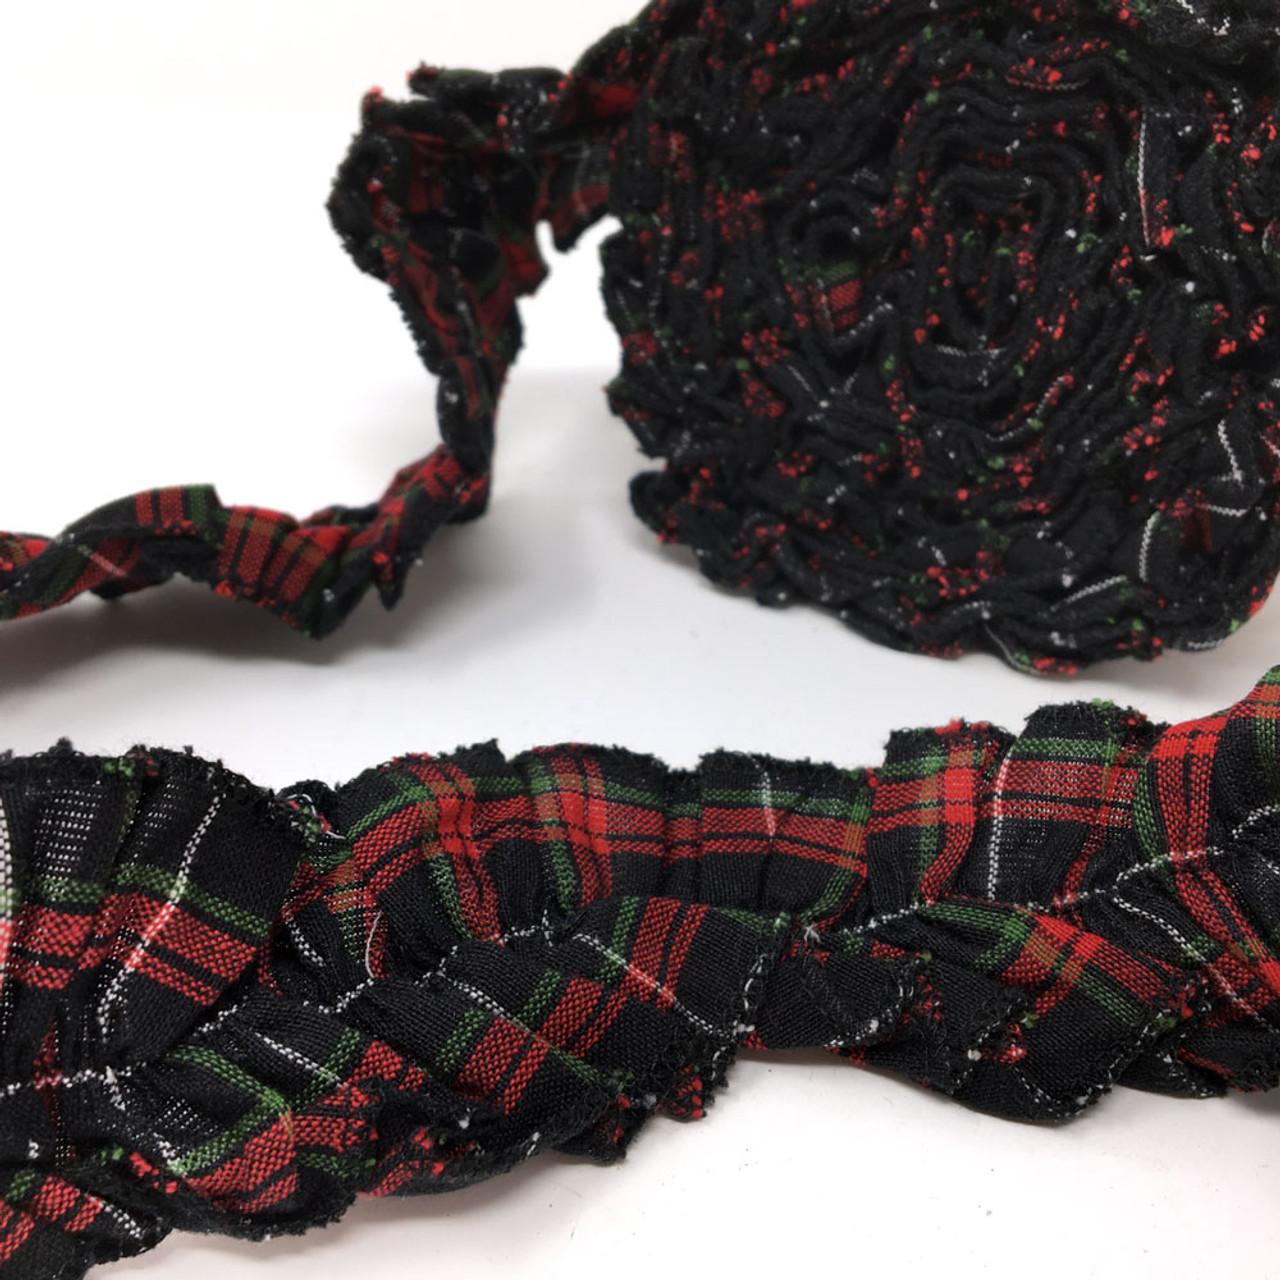 Holiday Hearth 6 Tartan Ruffled Trim/Garland  - 1 roll - 144 inches (12 feet)